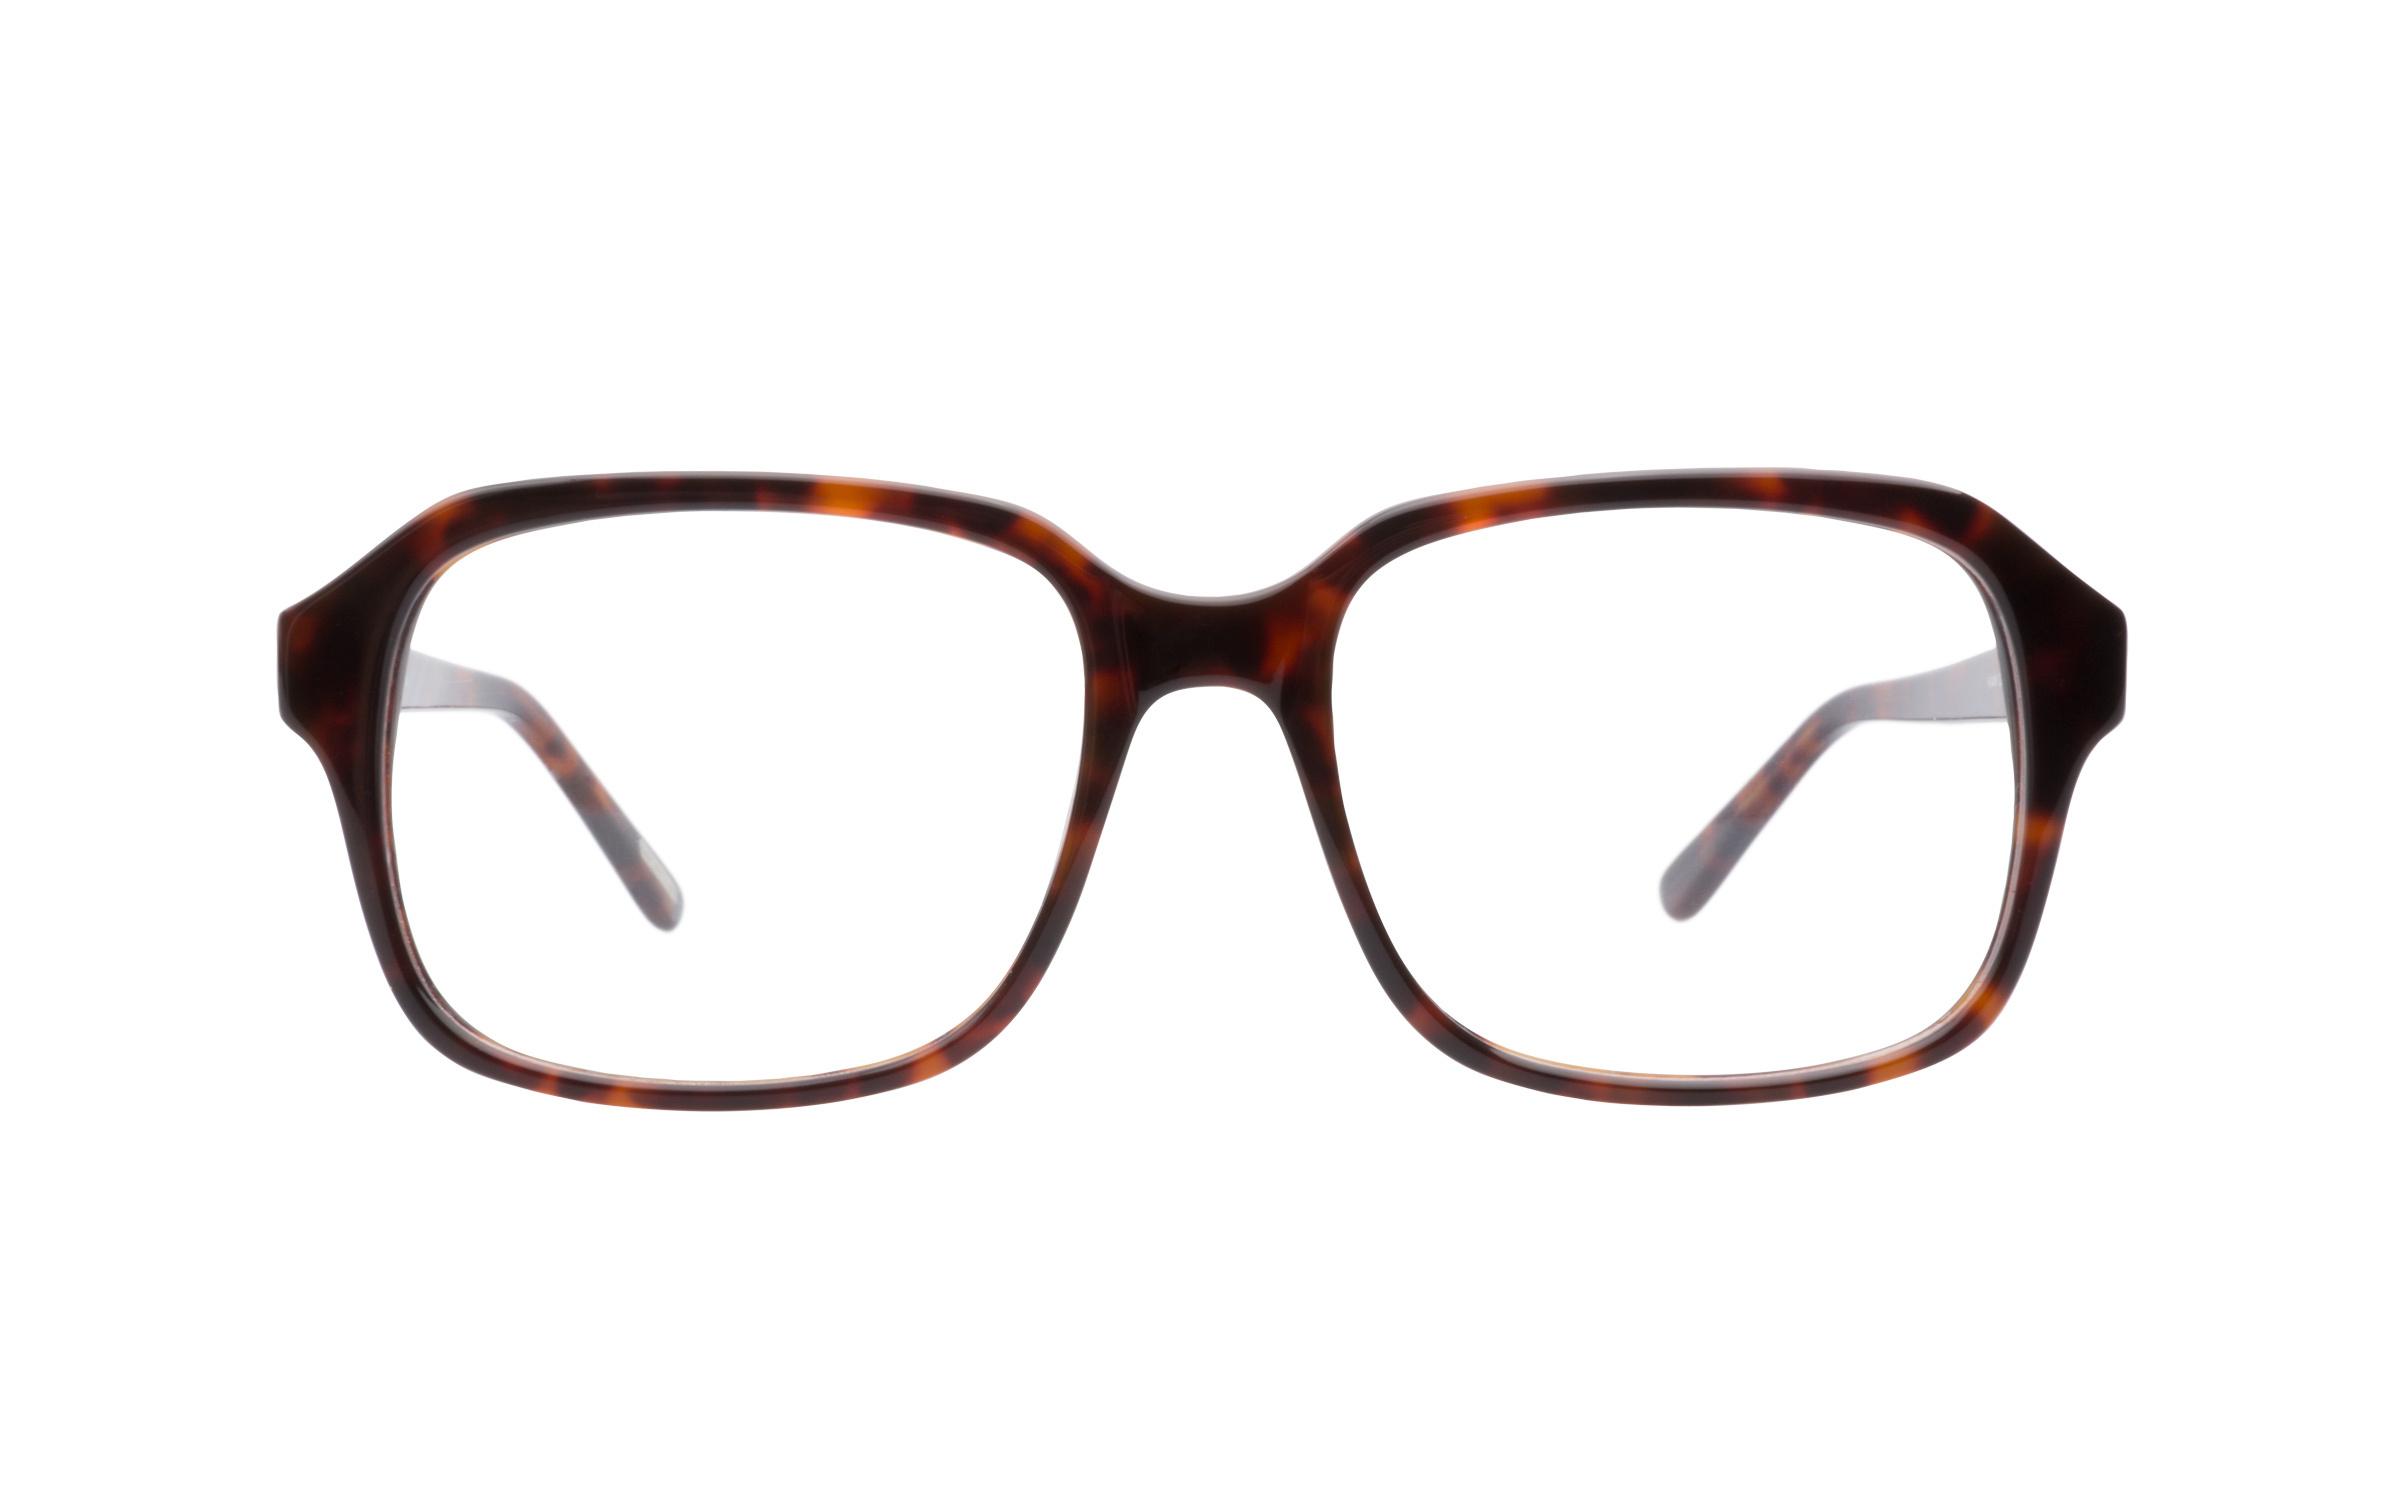 Womens_Oversized_Glasses_Tortoise_Kam_Dhillon_Online_Coastal